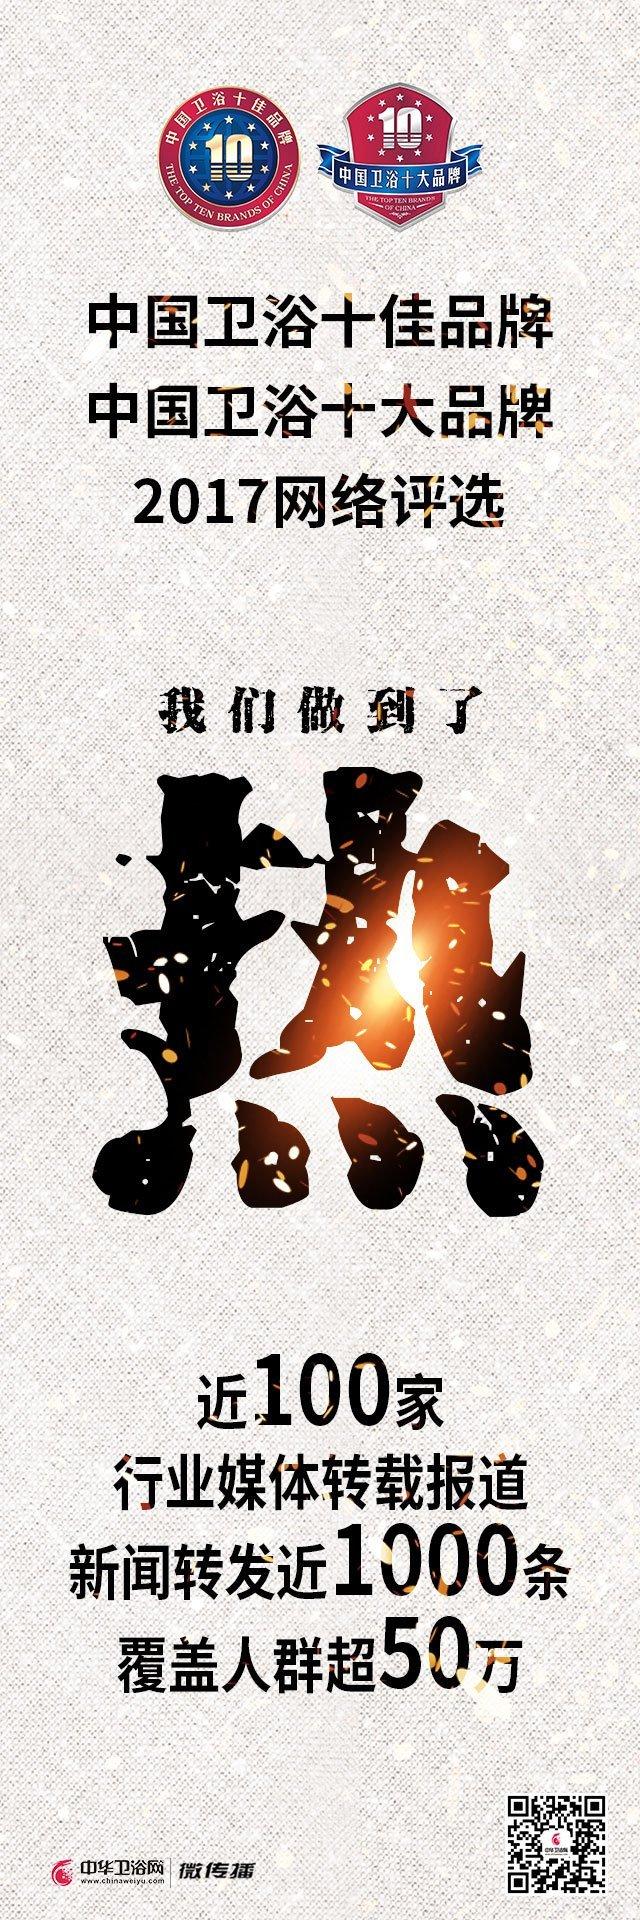 中国卫浴双十品牌-热